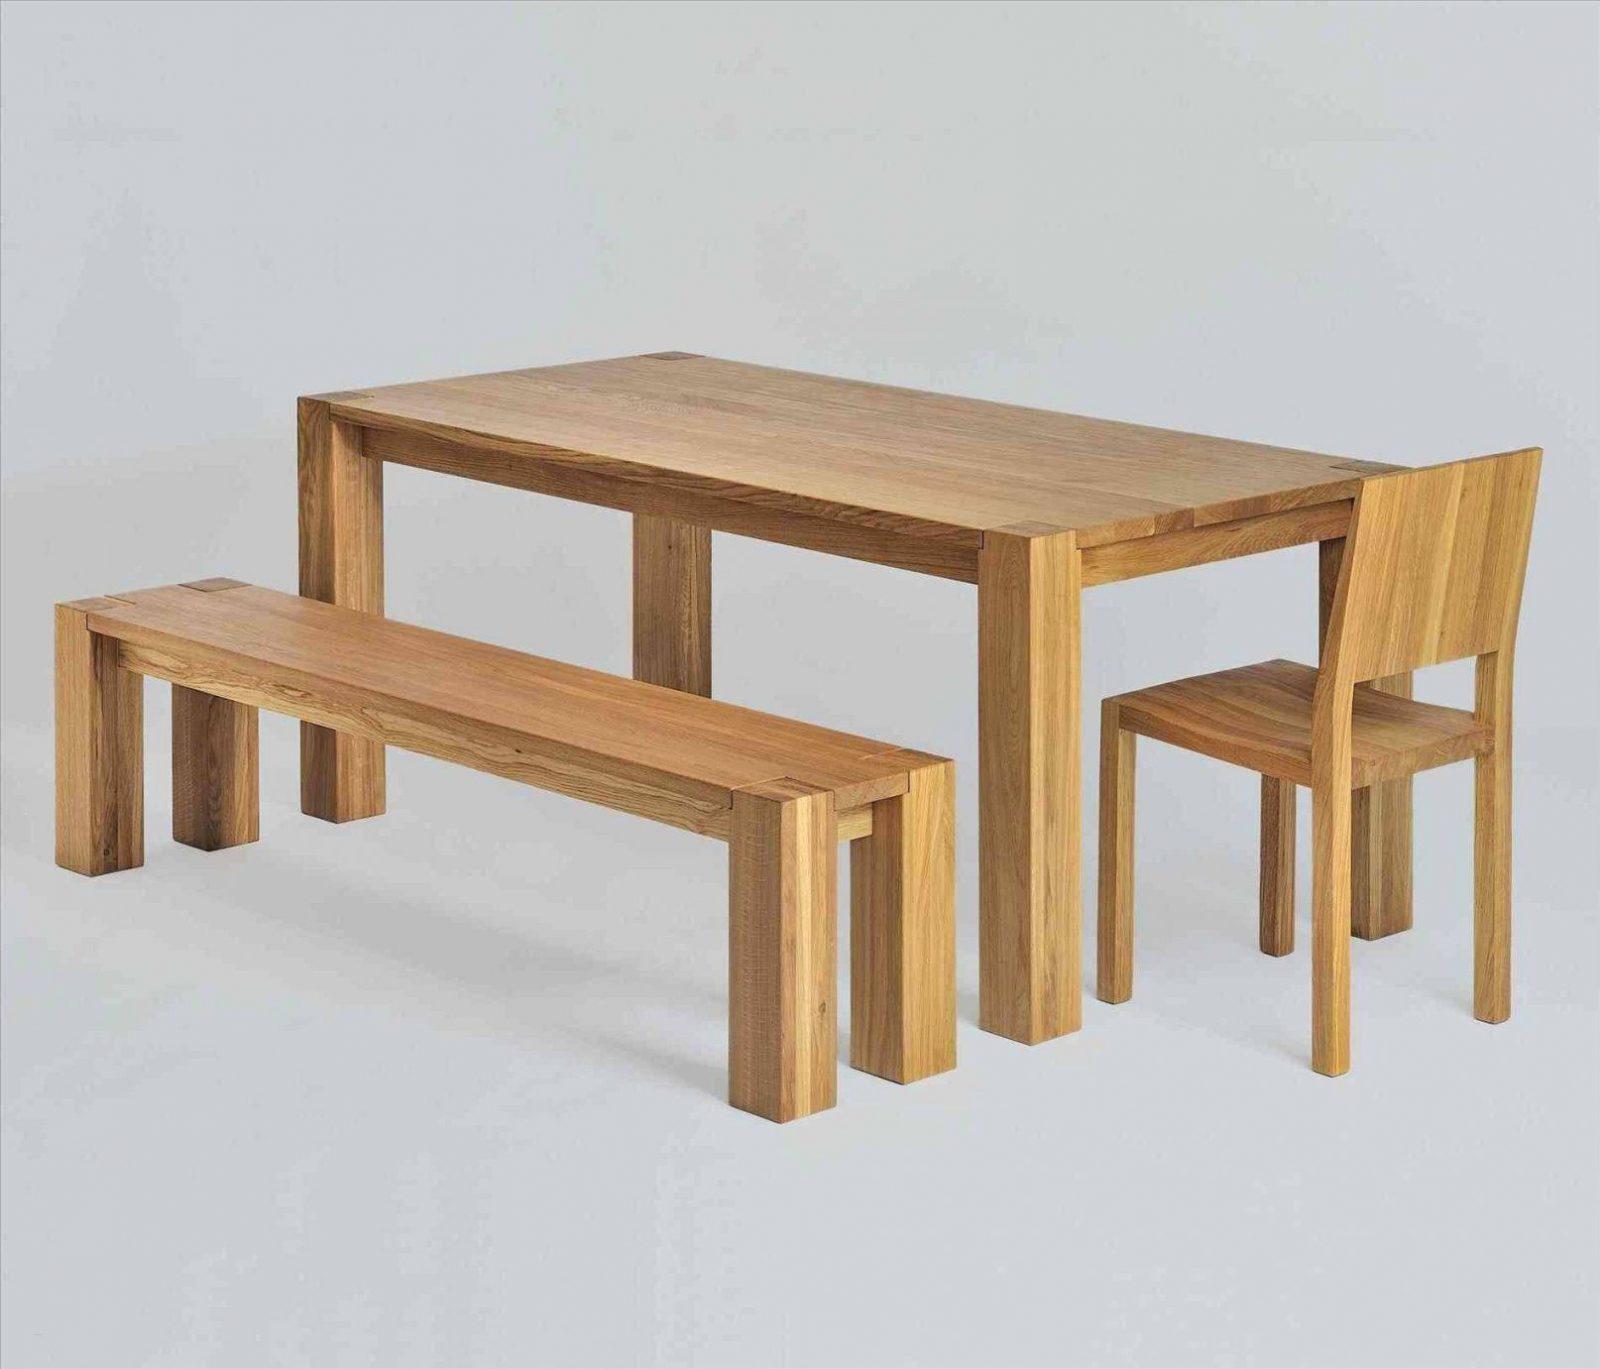 Holzbank Esstisch Einzigartig Luxus 40 Tisch Bank Kombination Selber von Tisch Bank Kombination Selber Bauen Bild